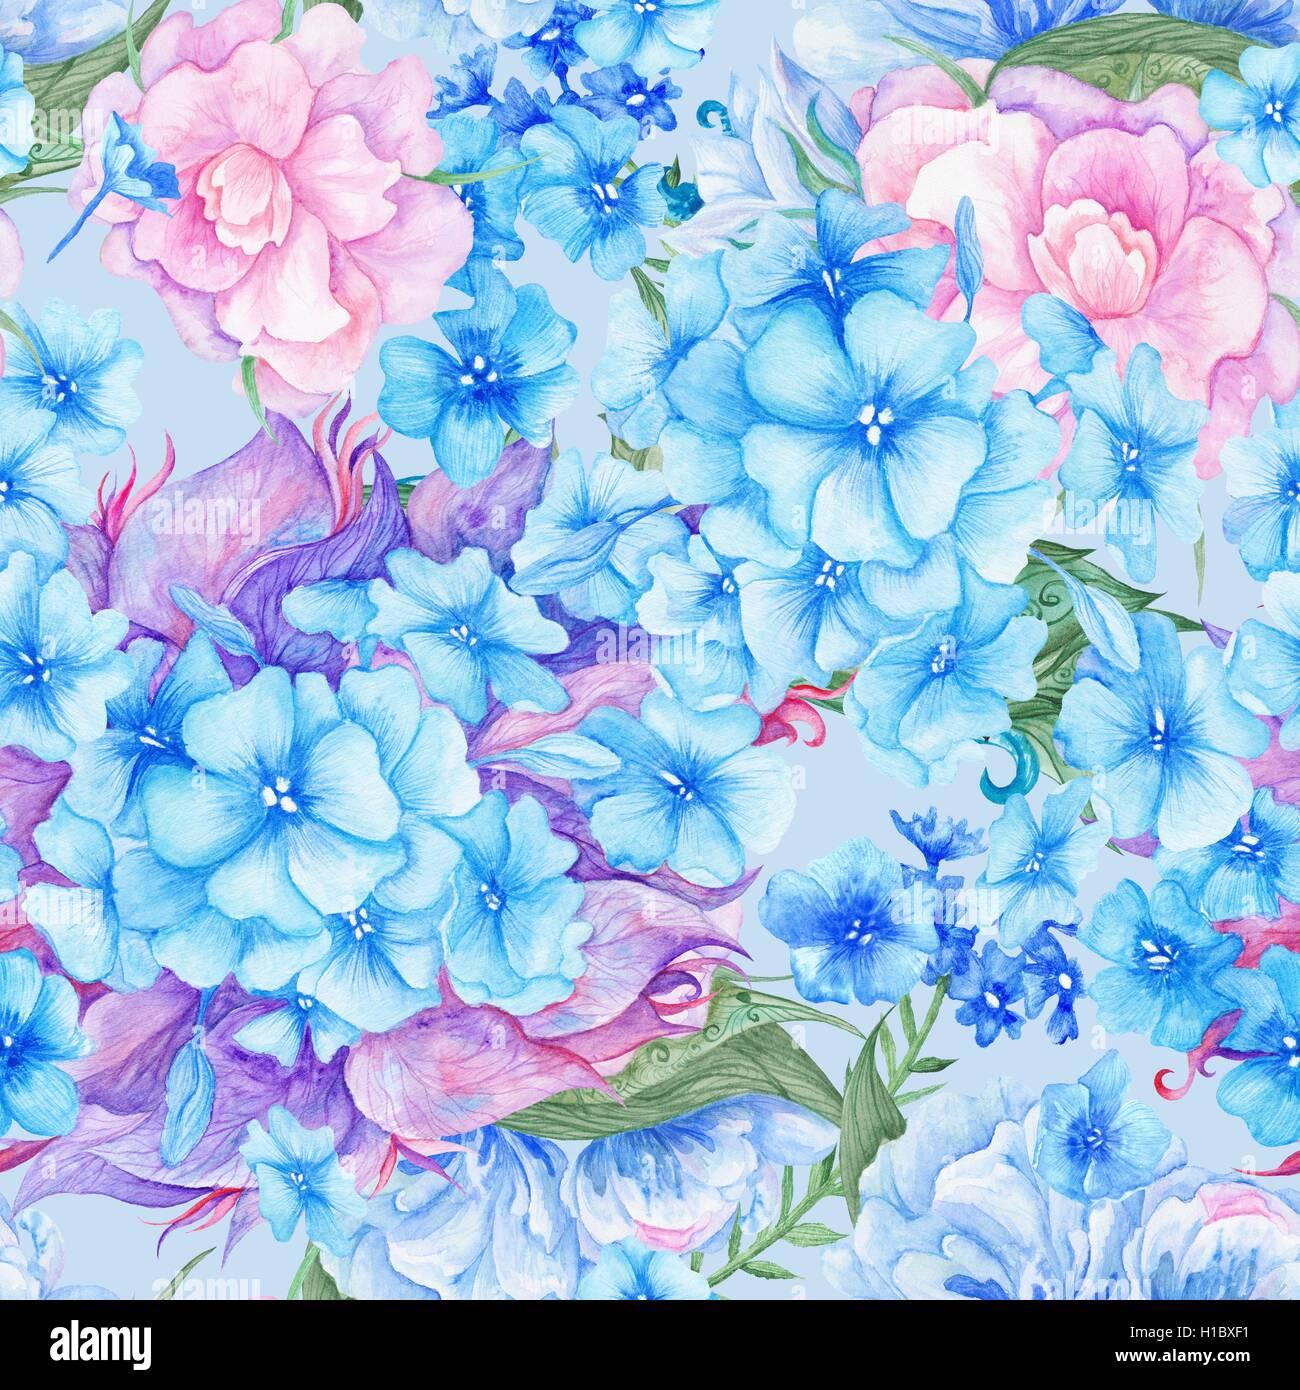 l 39 aquarelle transparente texture fleurs pour mariage papier peint design textile avec bleu et. Black Bedroom Furniture Sets. Home Design Ideas